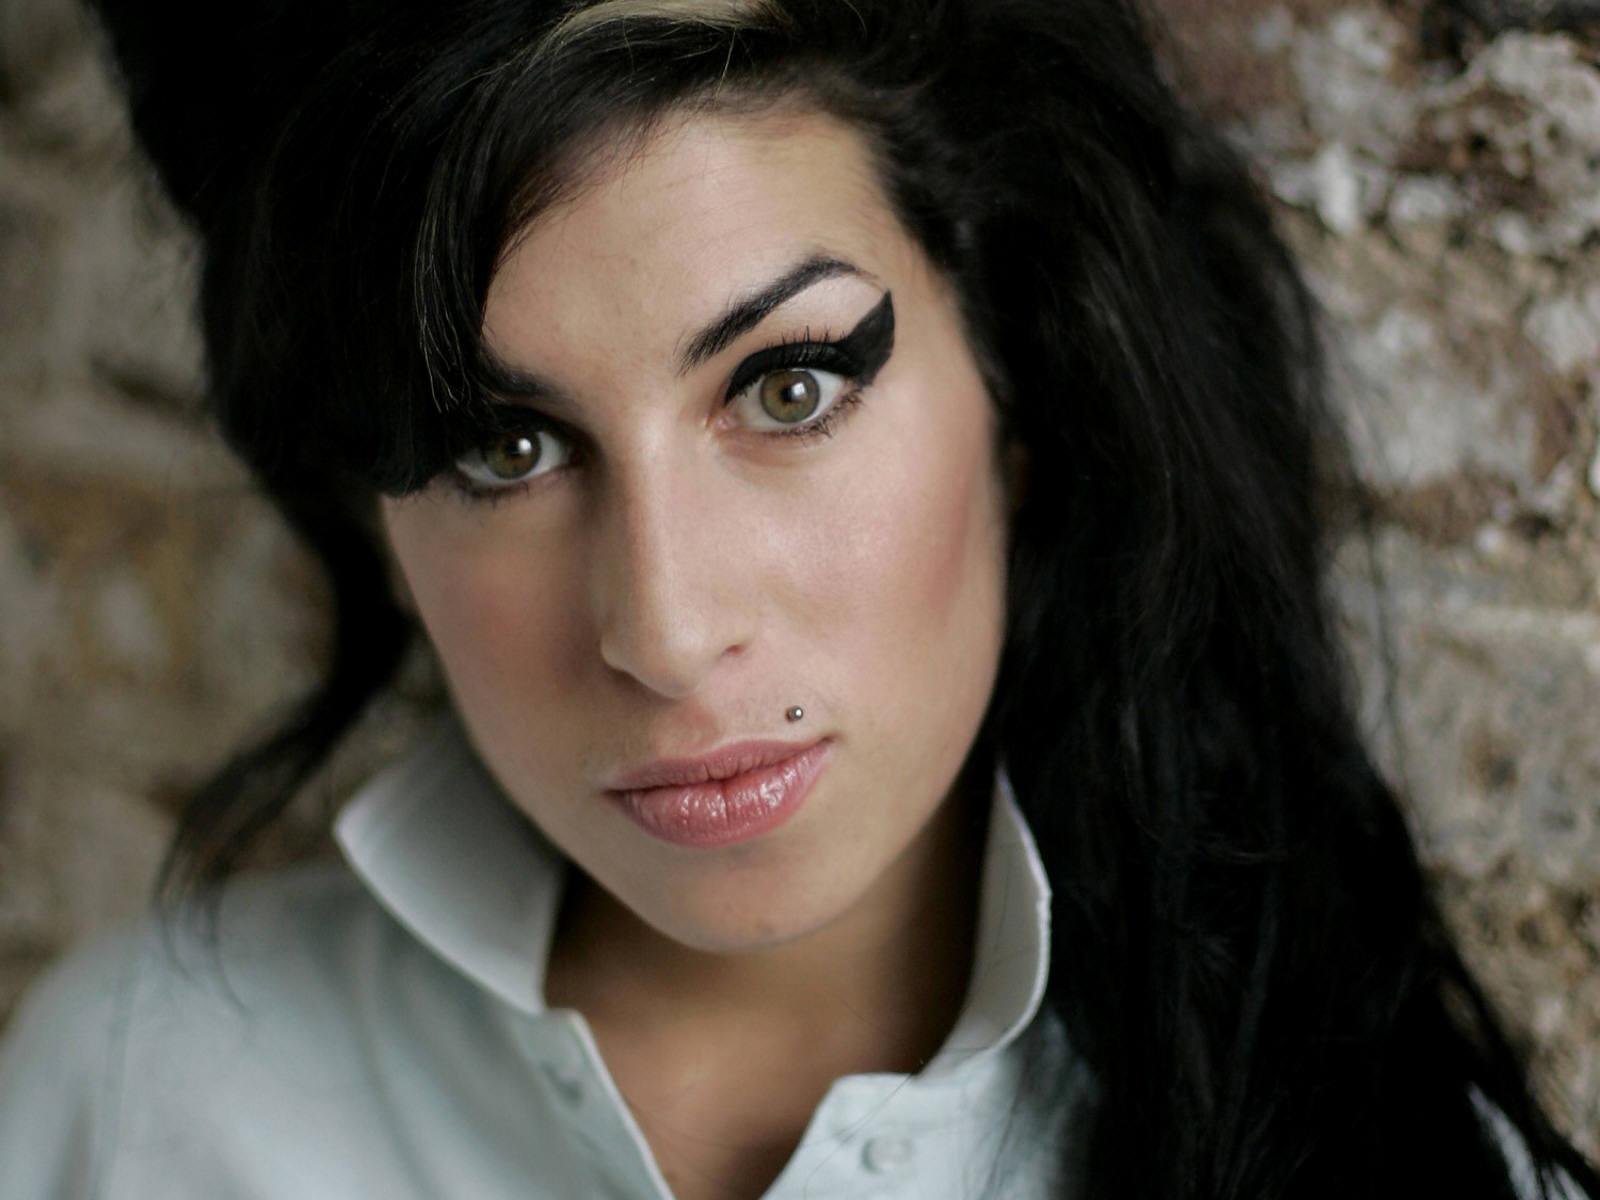 http://2.bp.blogspot.com/-nwOZ98kMBFQ/TivJPJwkbqI/AAAAAAAACCc/9YHN1dNxBZw/s1600/Amy_Winehouse_0001_1600X1200_Wallpaper.jpg